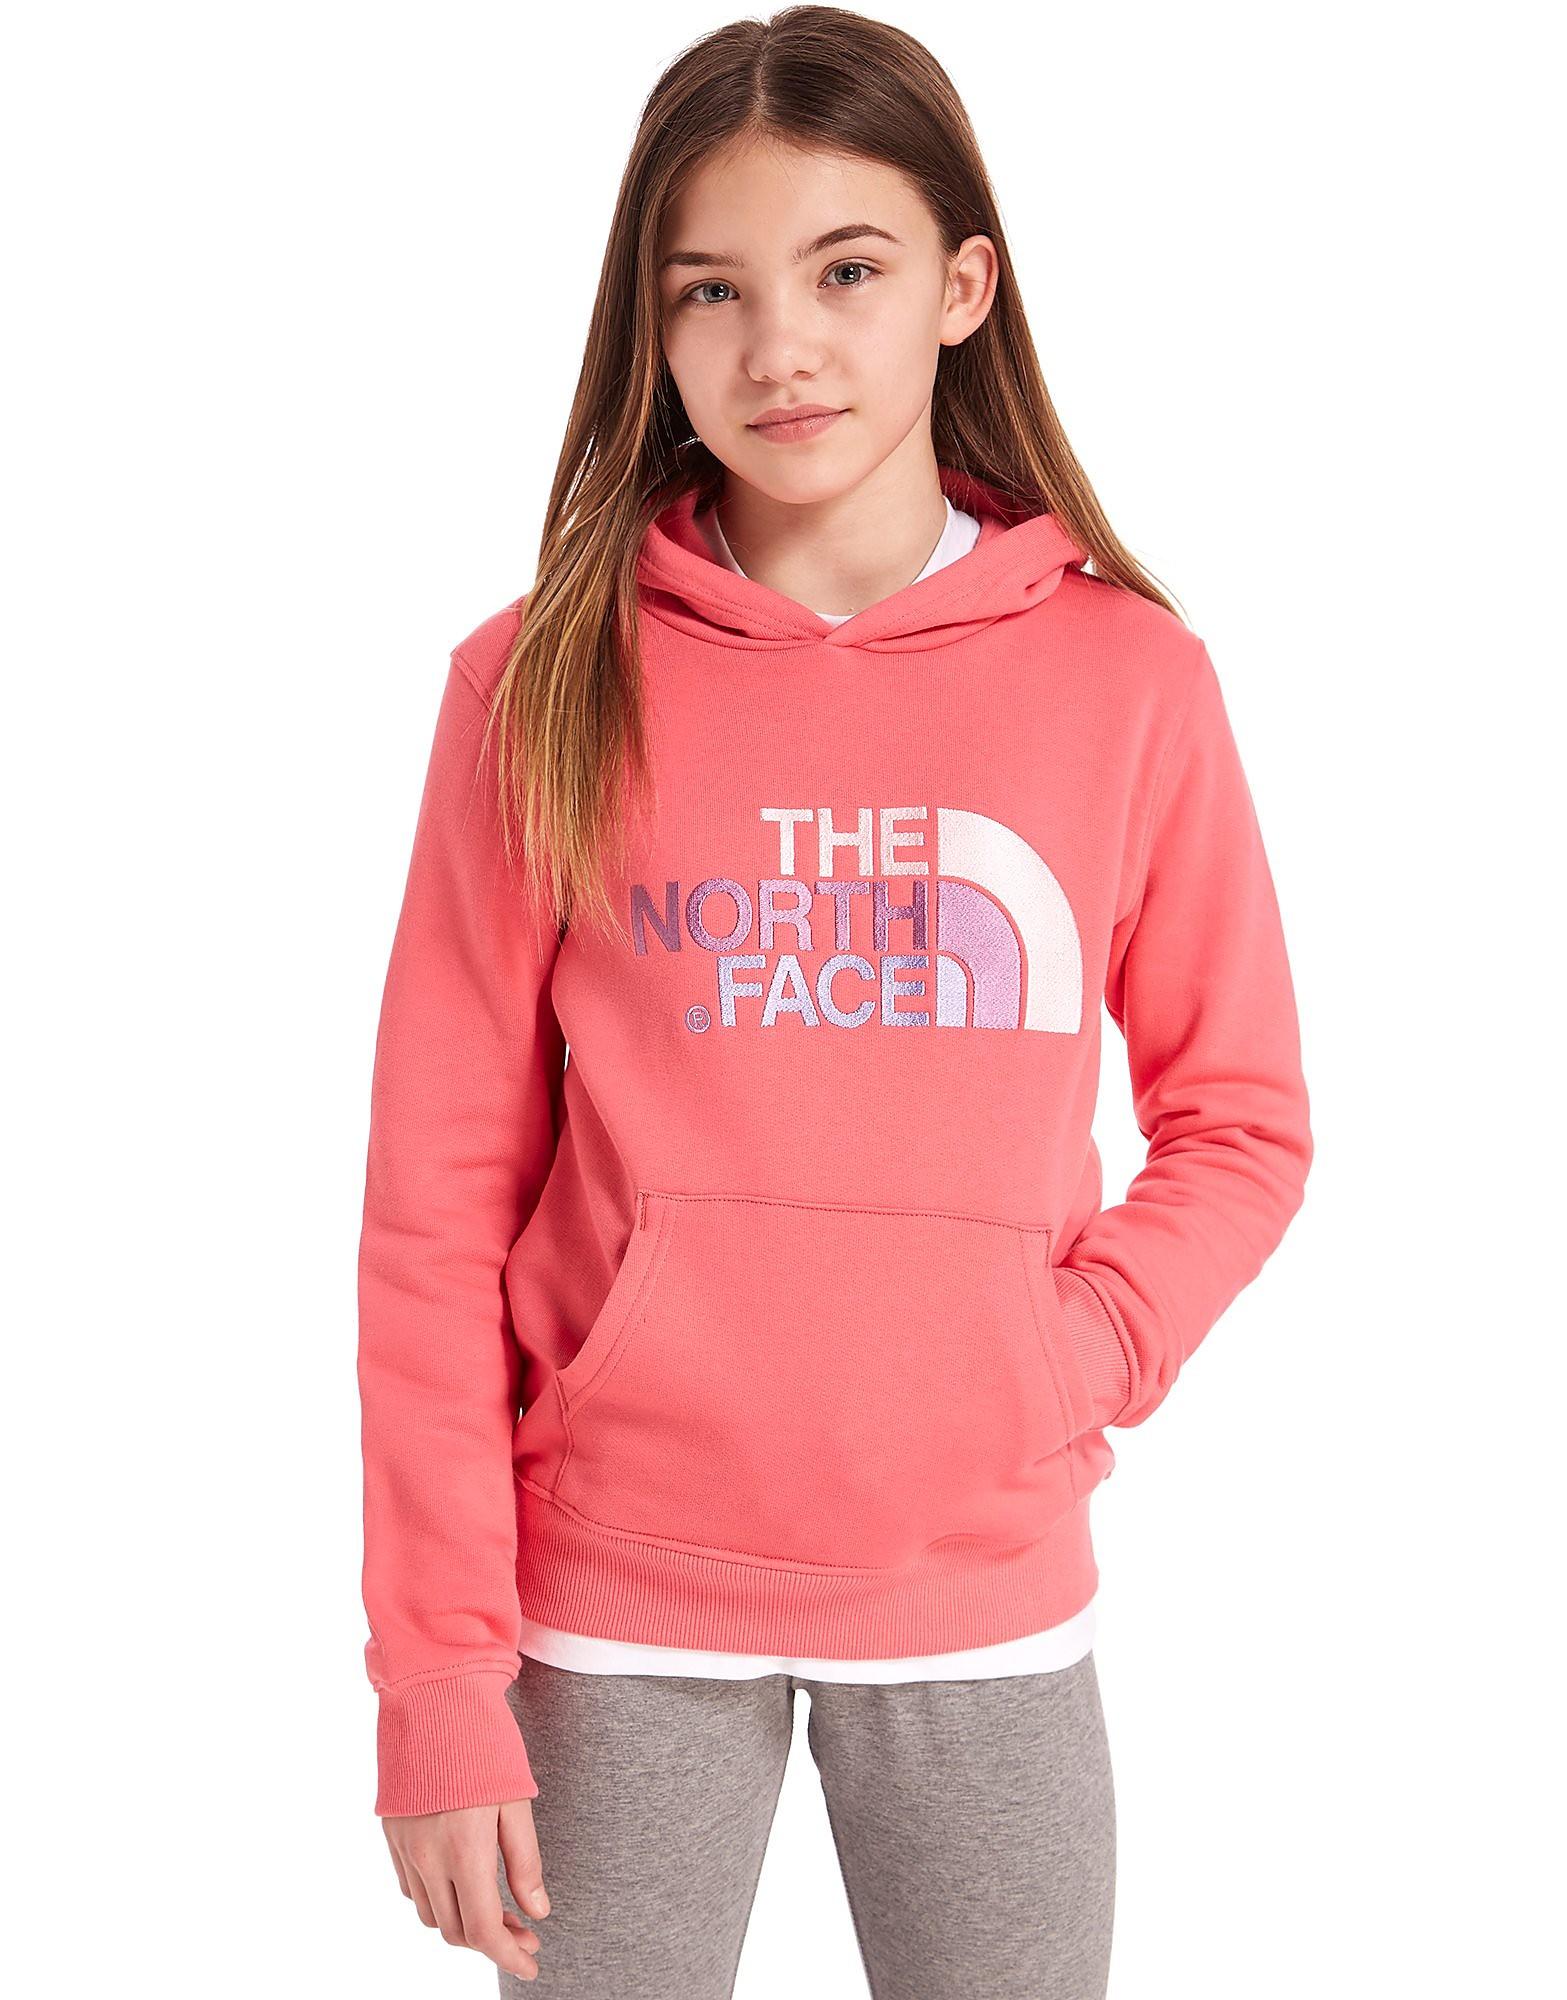 The North Face Girls Drew Peak Hoodie